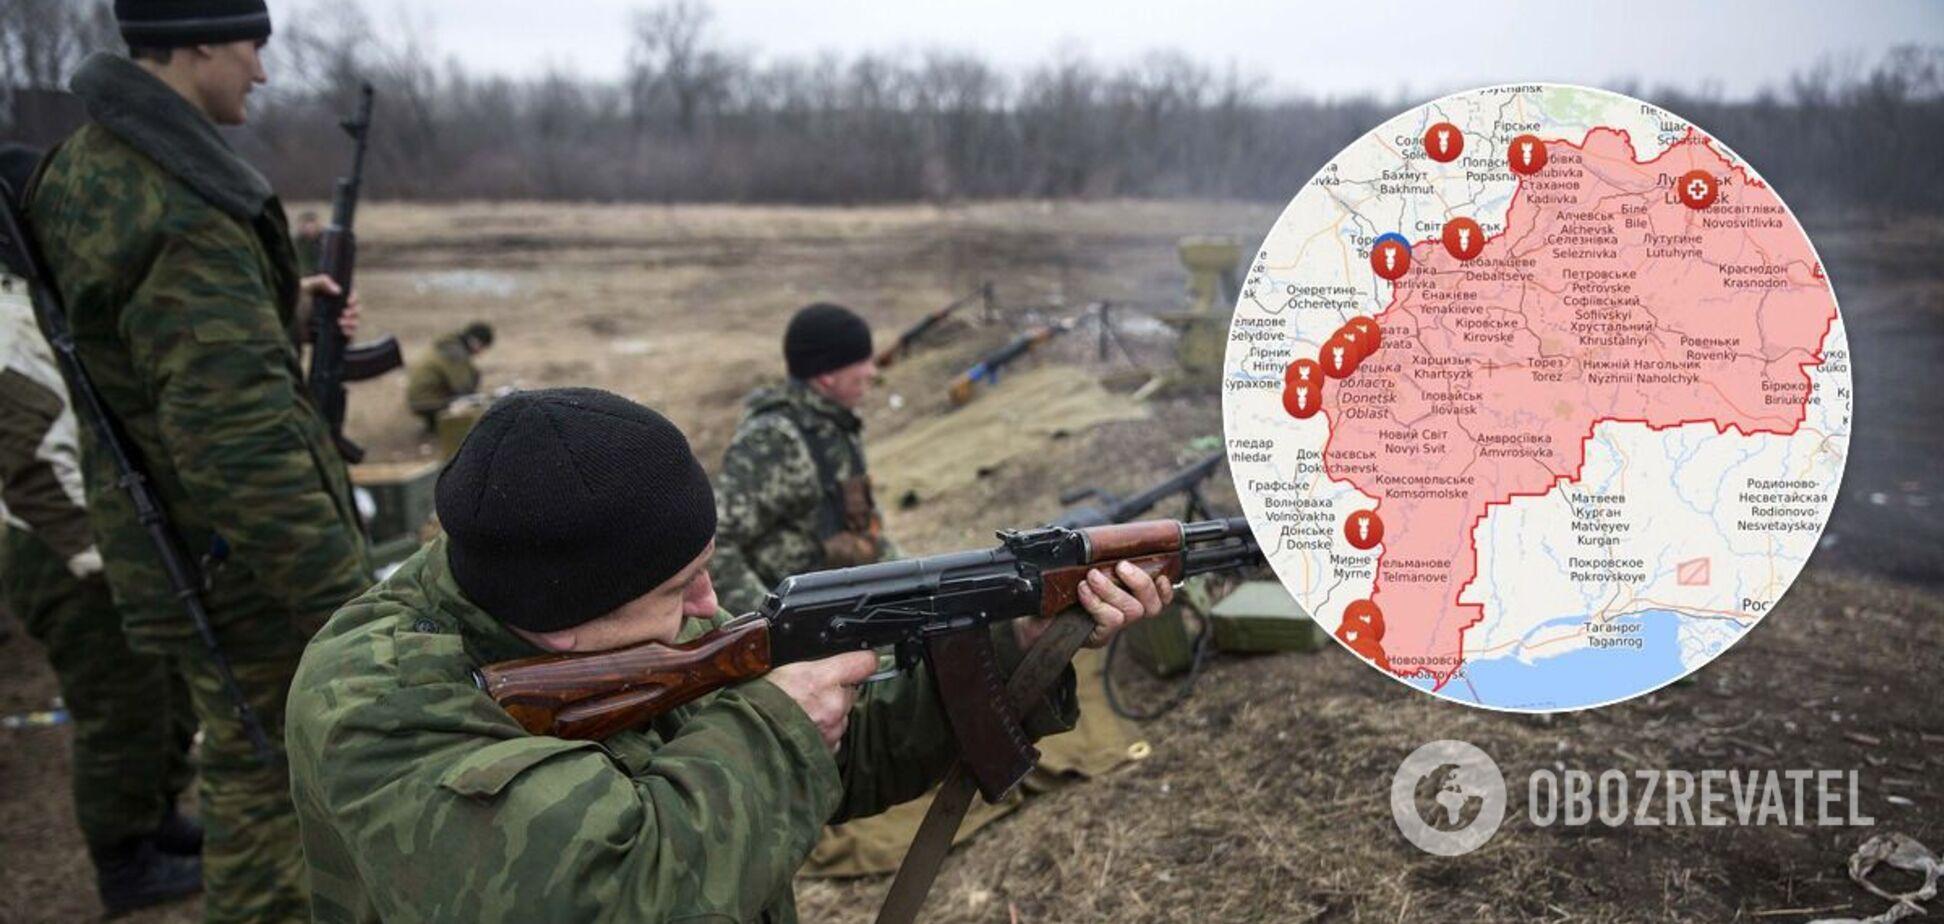 Формування РФ п'ять разів порушили режим припинення вогню